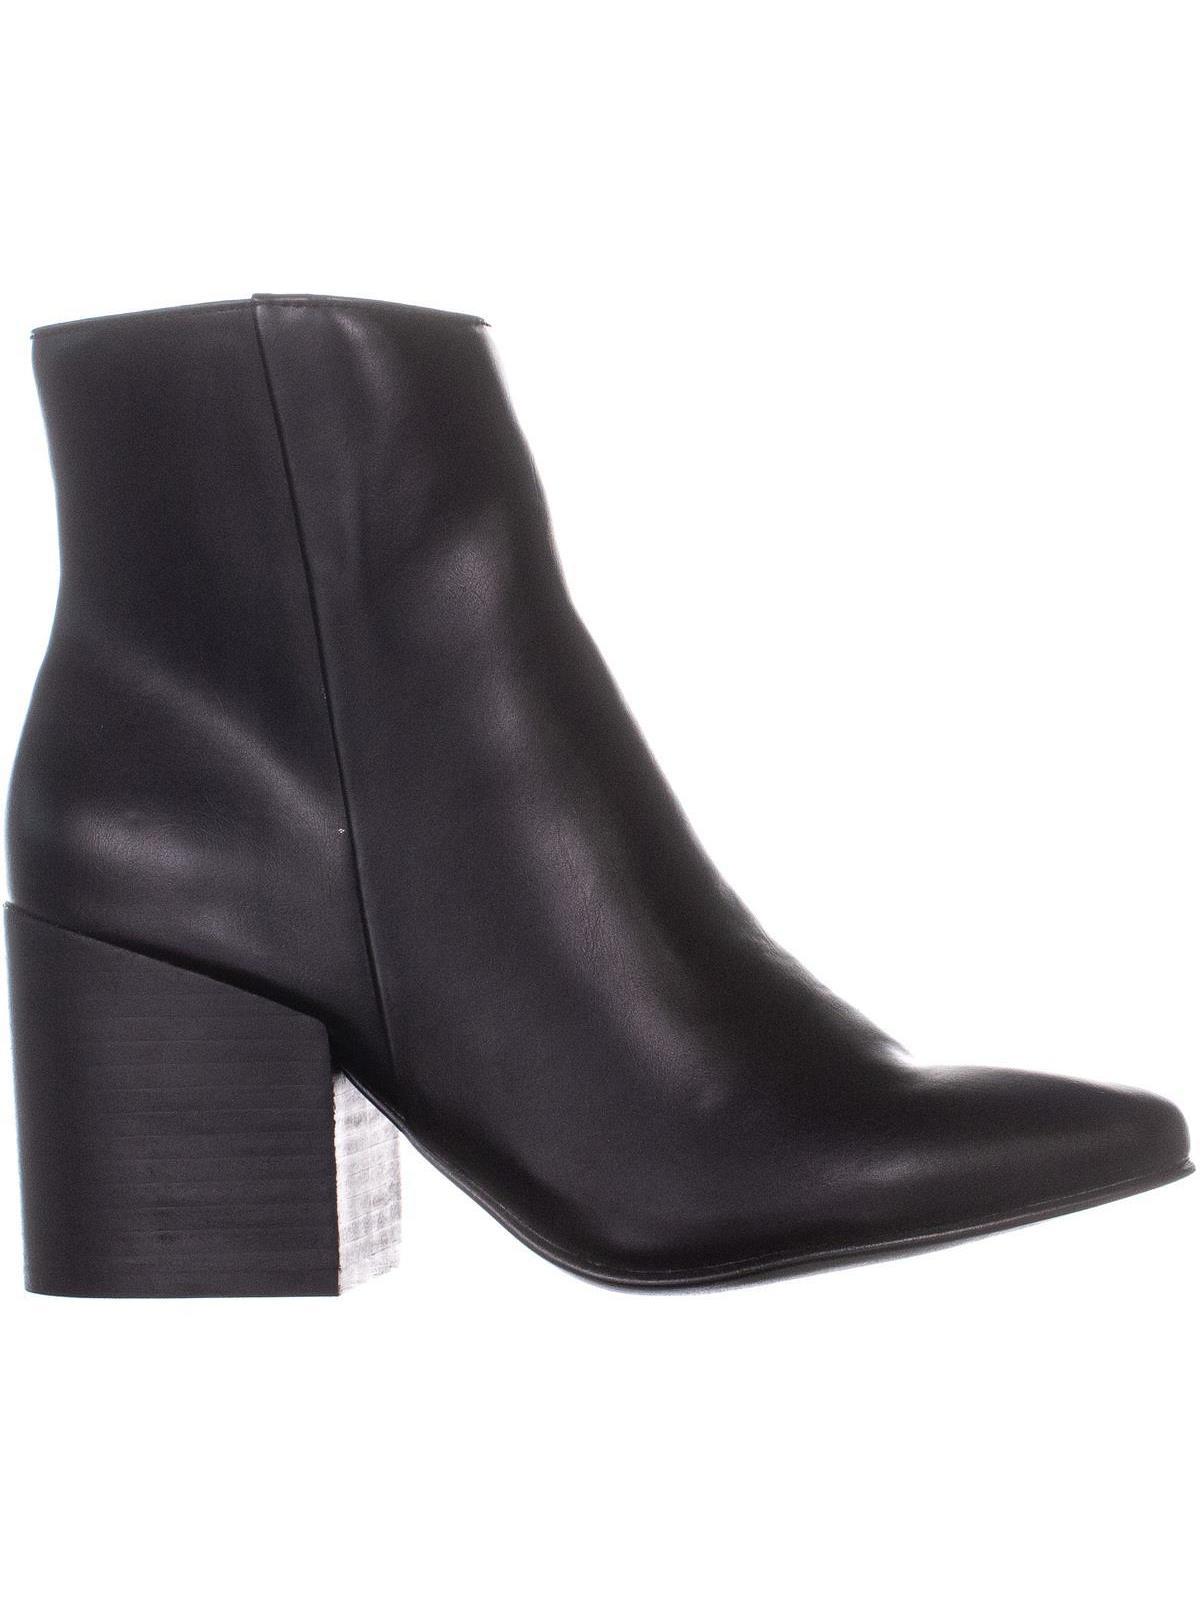 019484ee8503 madden girl Aaden Mid Calf Boots